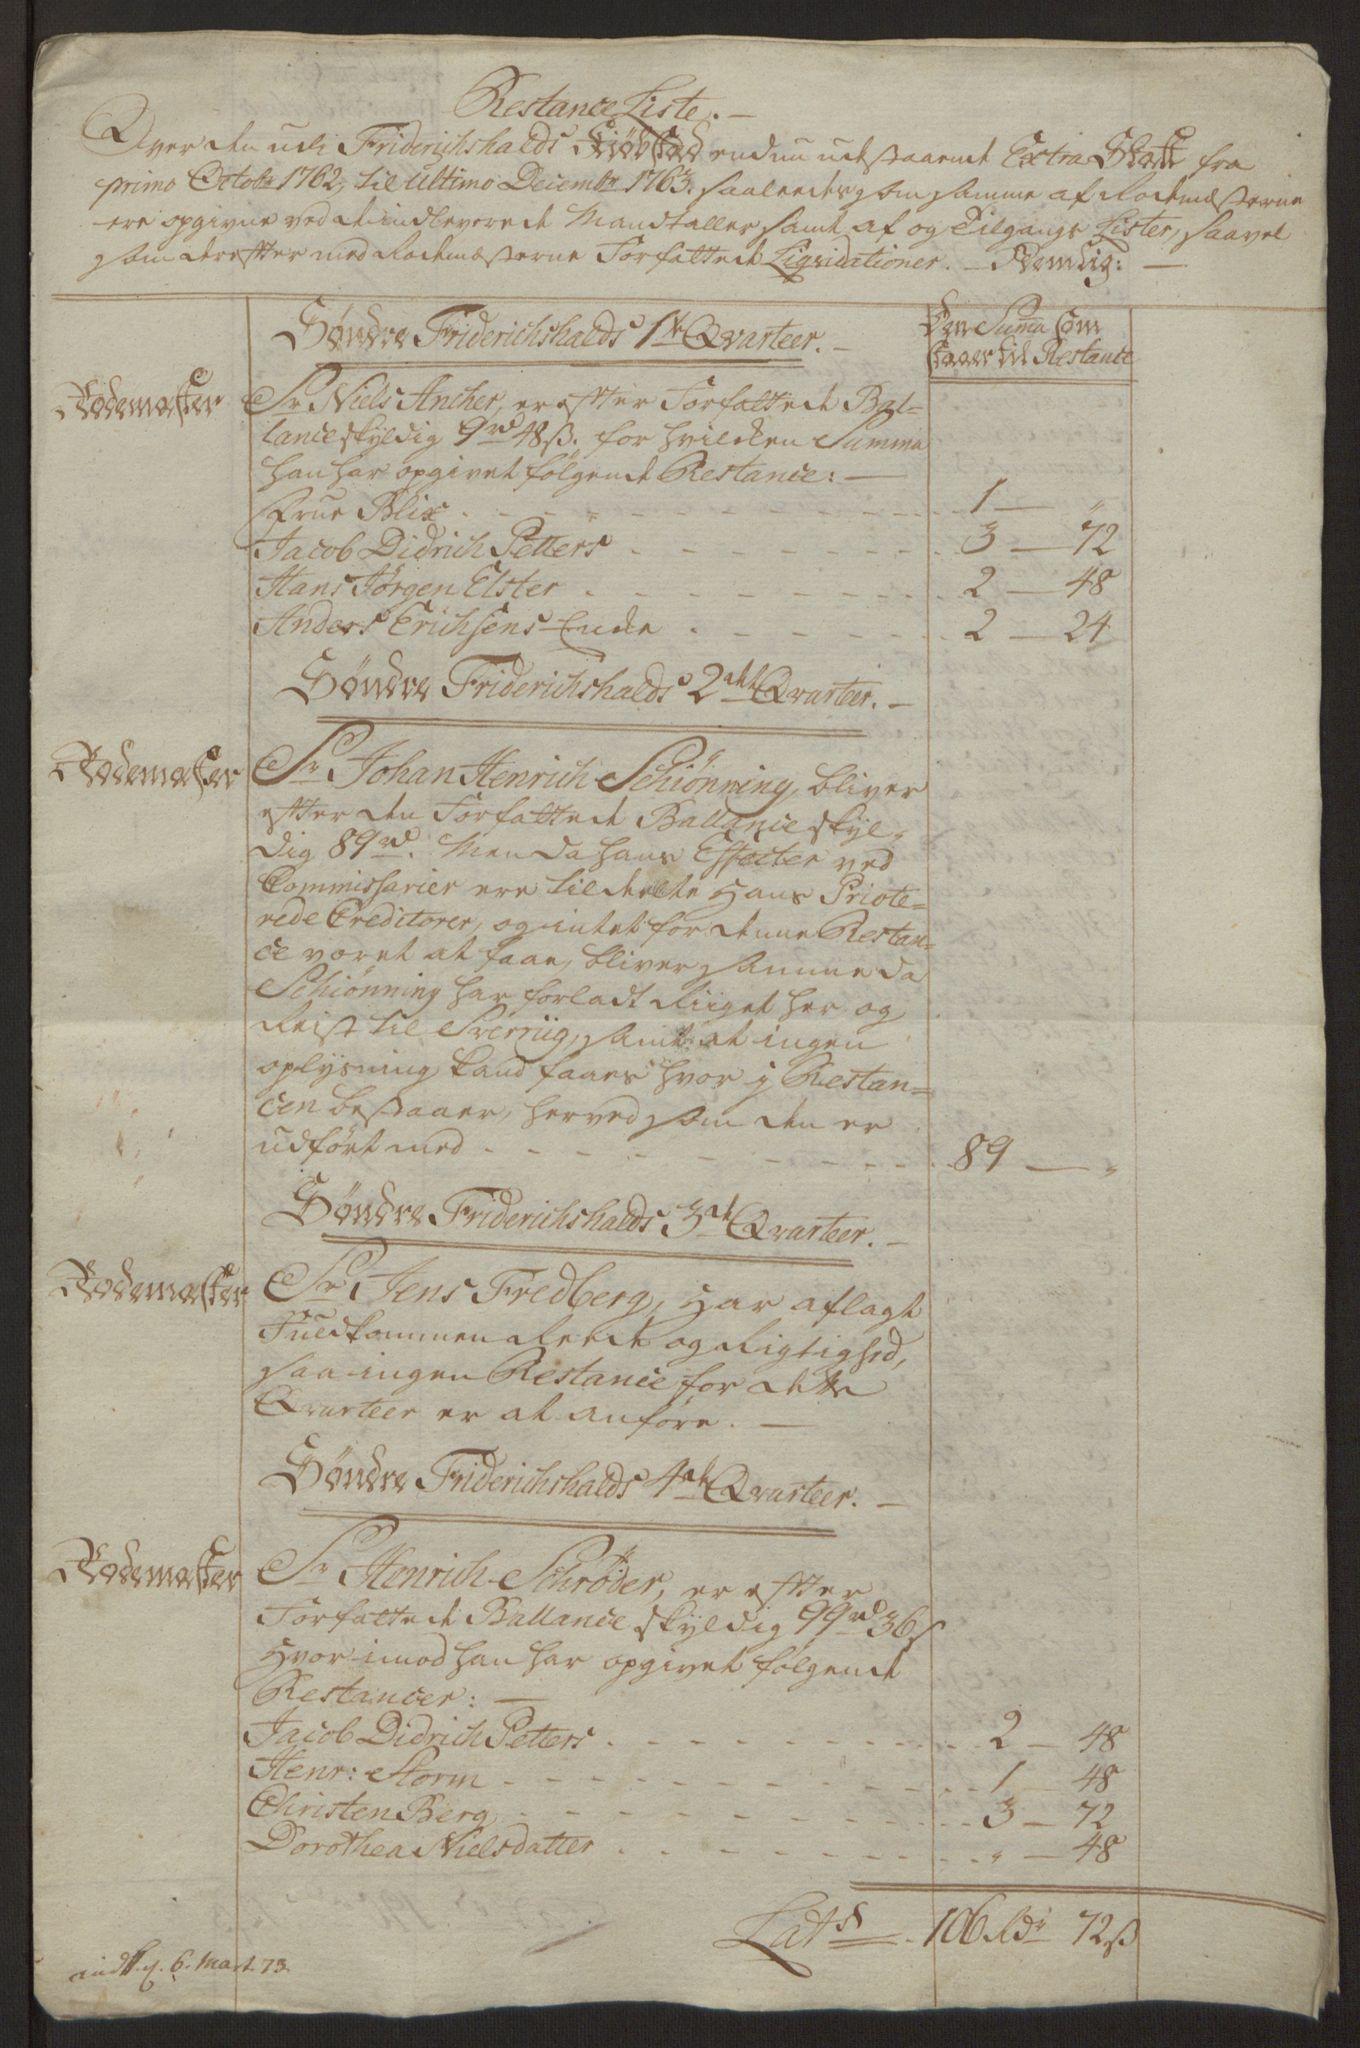 RA, Rentekammeret inntil 1814, Reviderte regnskaper, Byregnskaper, R/Ra/L0006: [A4] Kontribusjonsregnskap, 1762-1772, s. 279